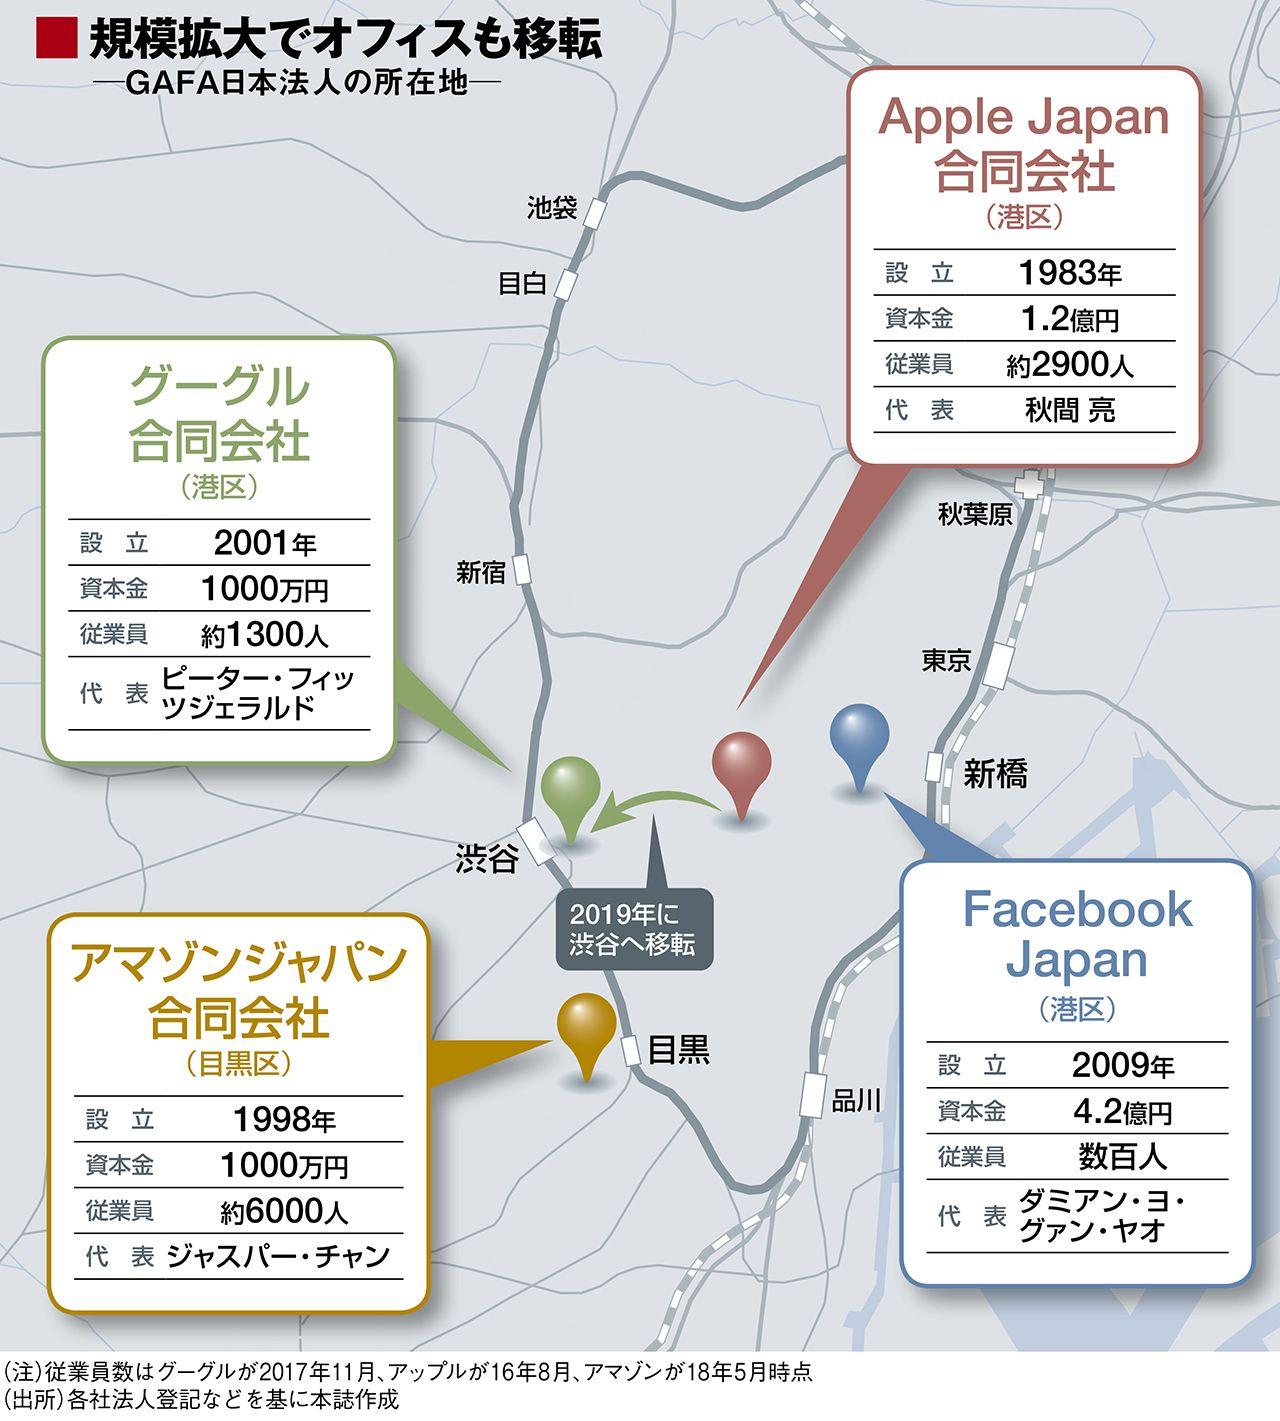 会社 アマゾン ジャパン 合同